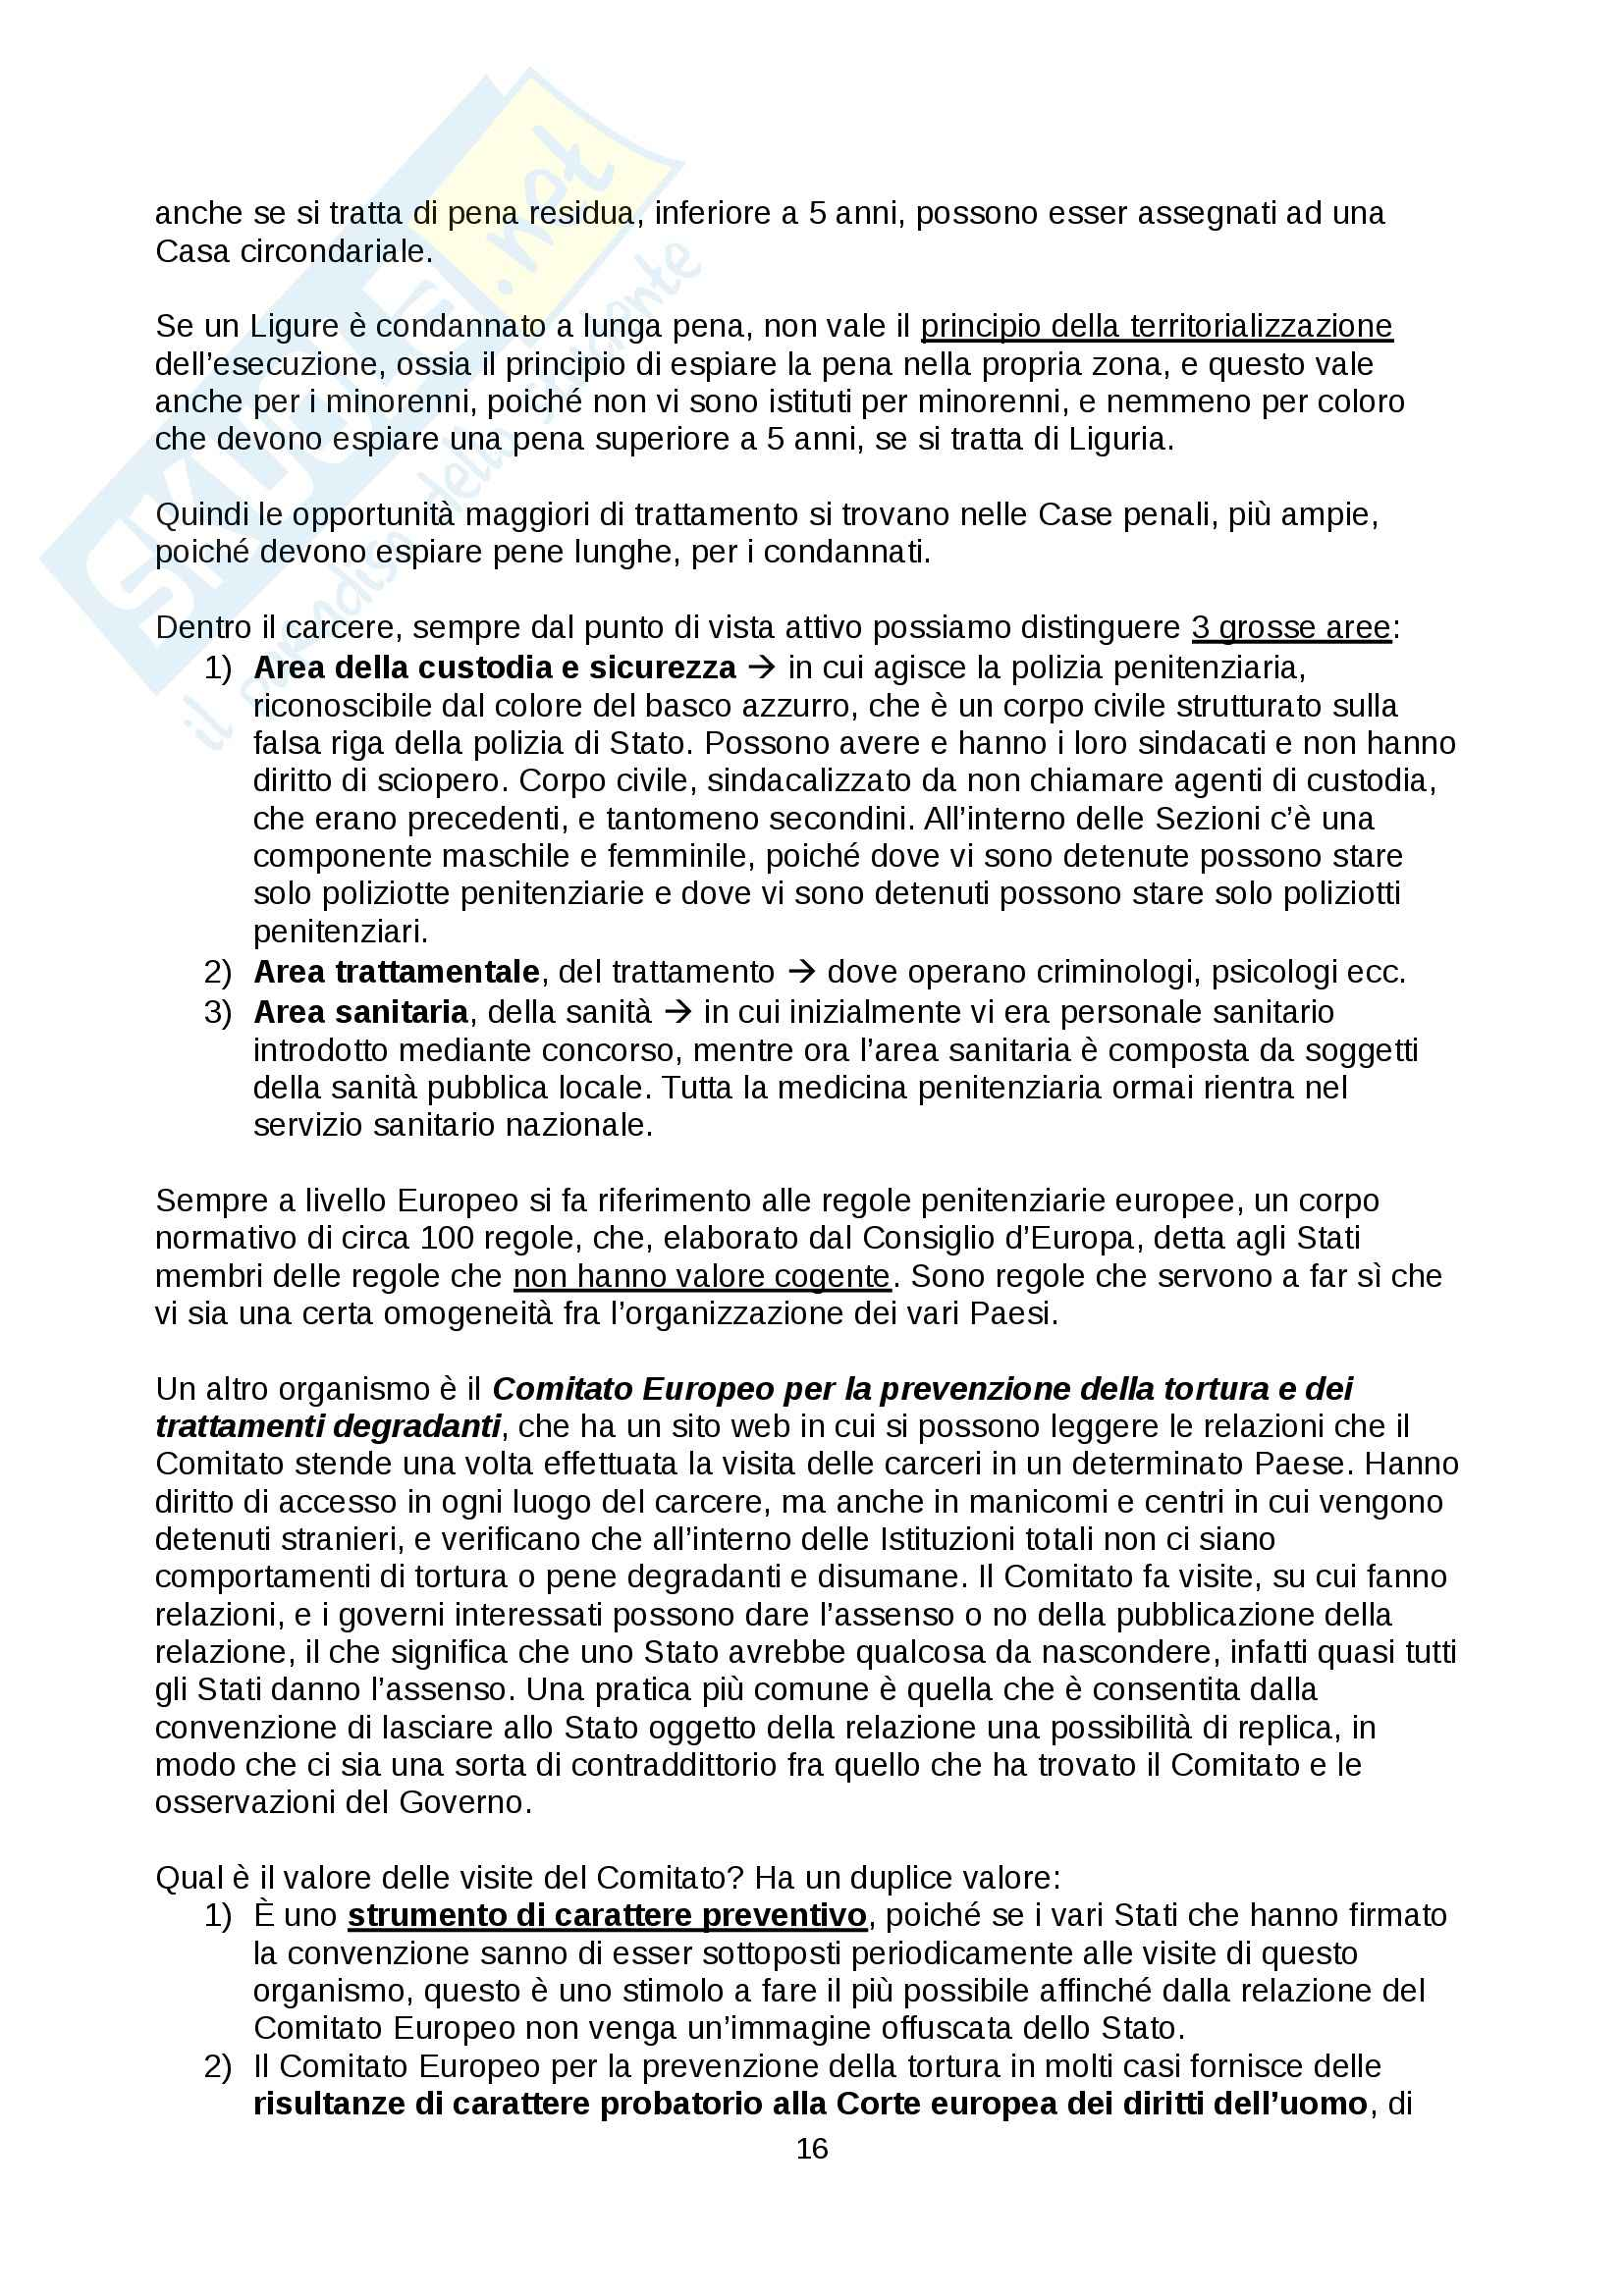 Diritto penitenziario - nozioni Pag. 16